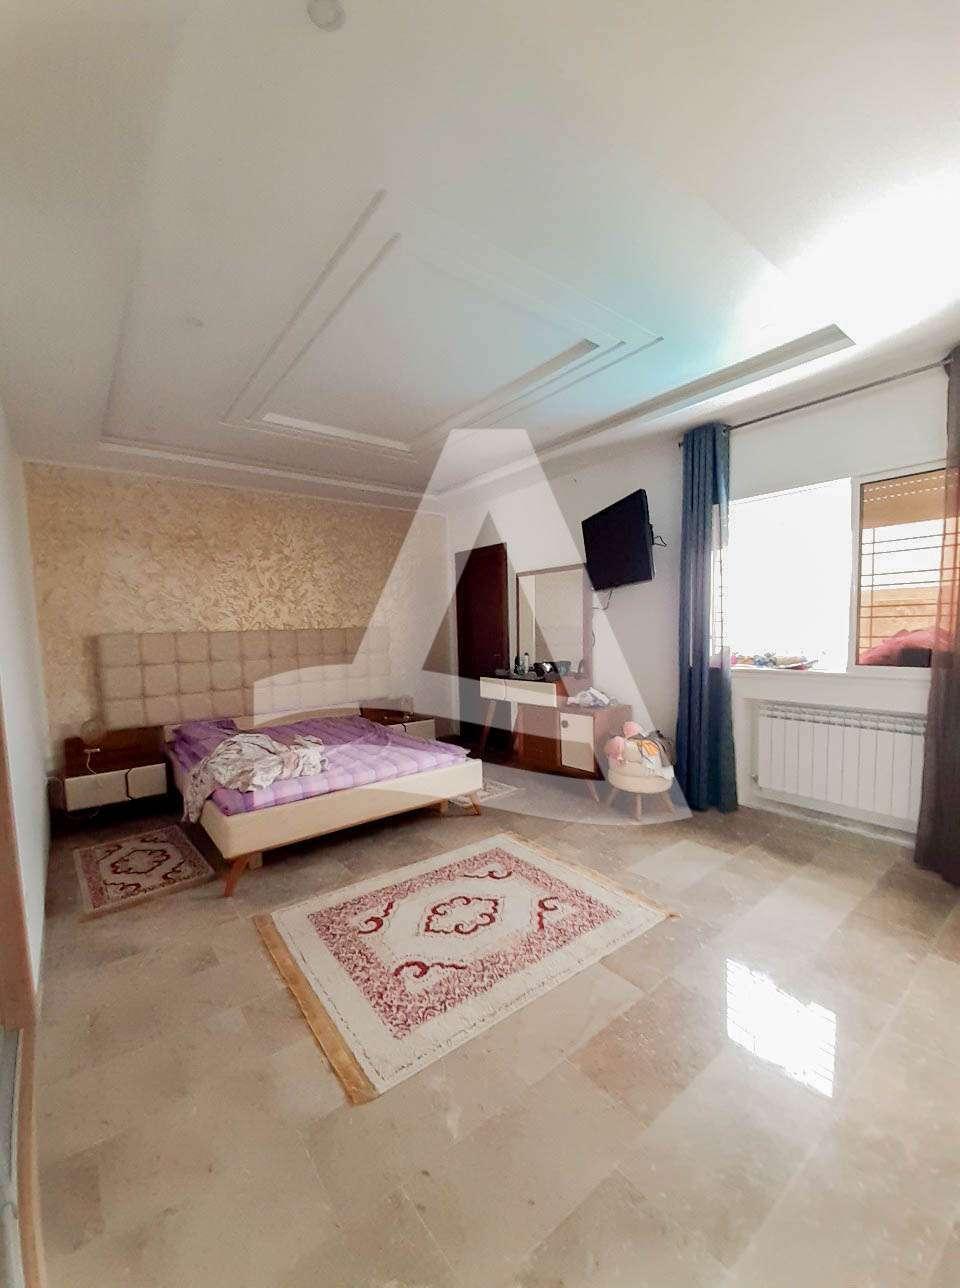 httpss3.amazonaws.comlogimoaws10671367921601644438Appartement_Gammarth_Tunisie_-8